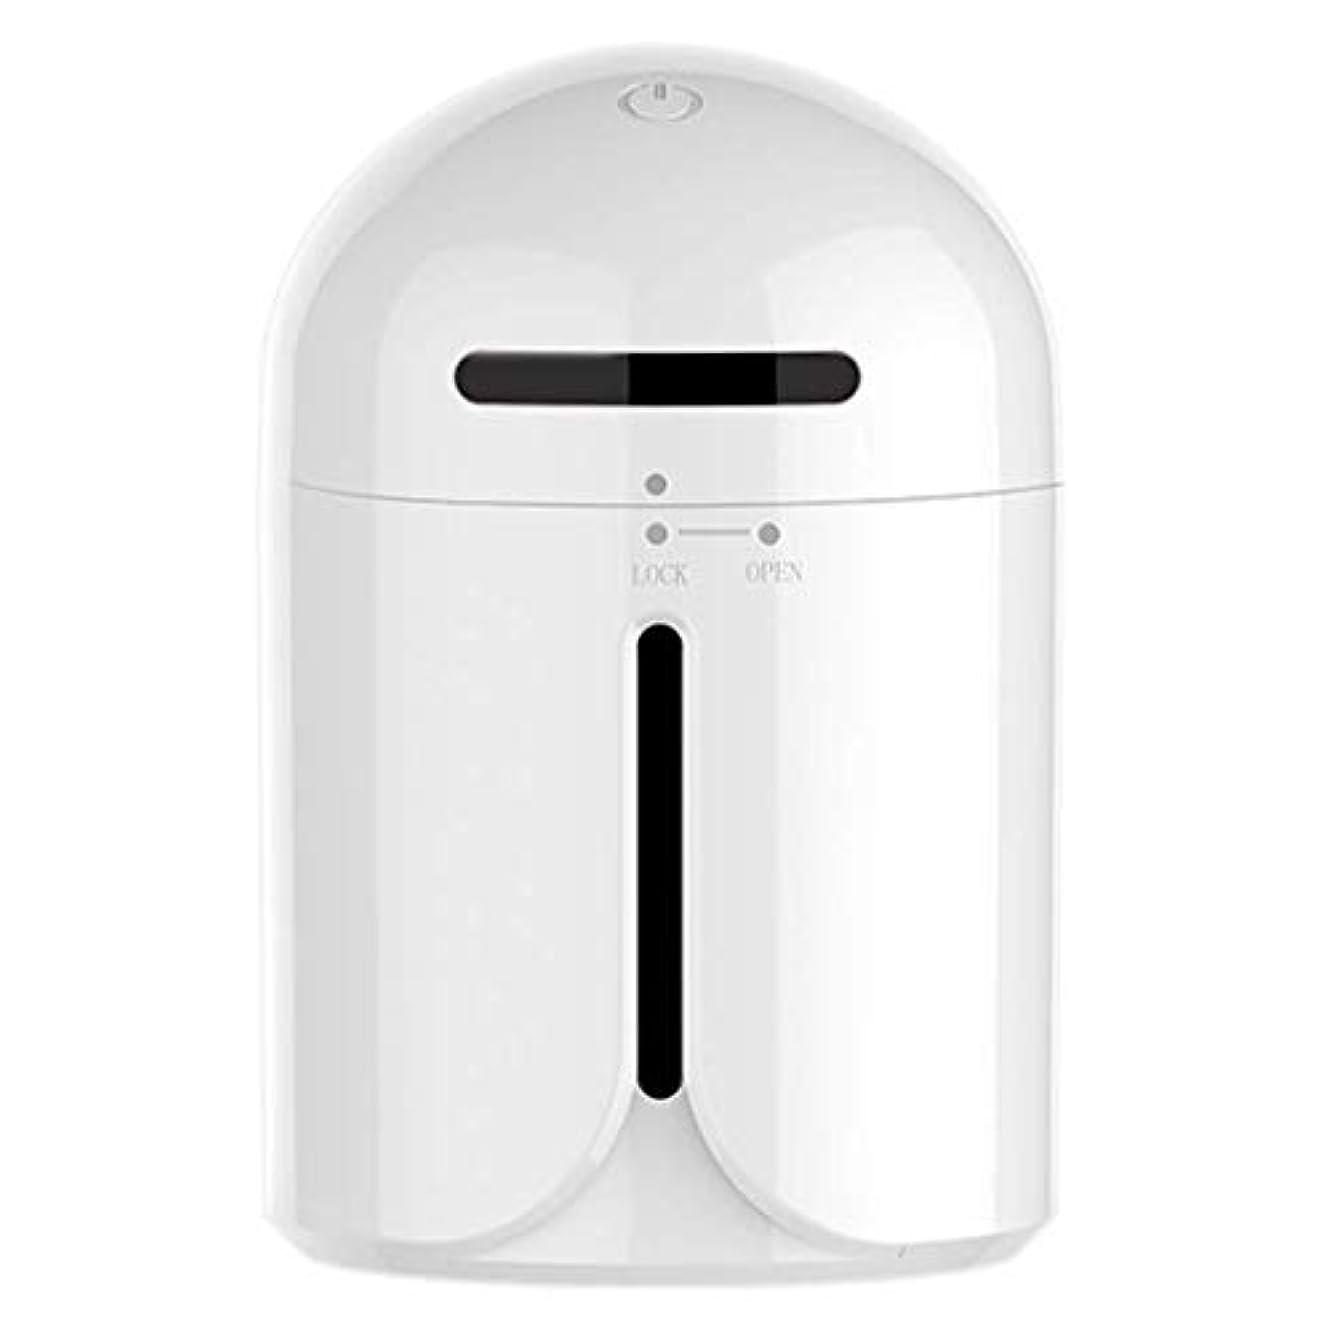 変な怖い累計超音波加湿器、車のアロマディフューザー加湿器、気分を和らげるための健康的な肌の改善、睡眠の改善、清潔で清潔な新鮮な空気の浄化、LEDライトミュート (Color : 白)